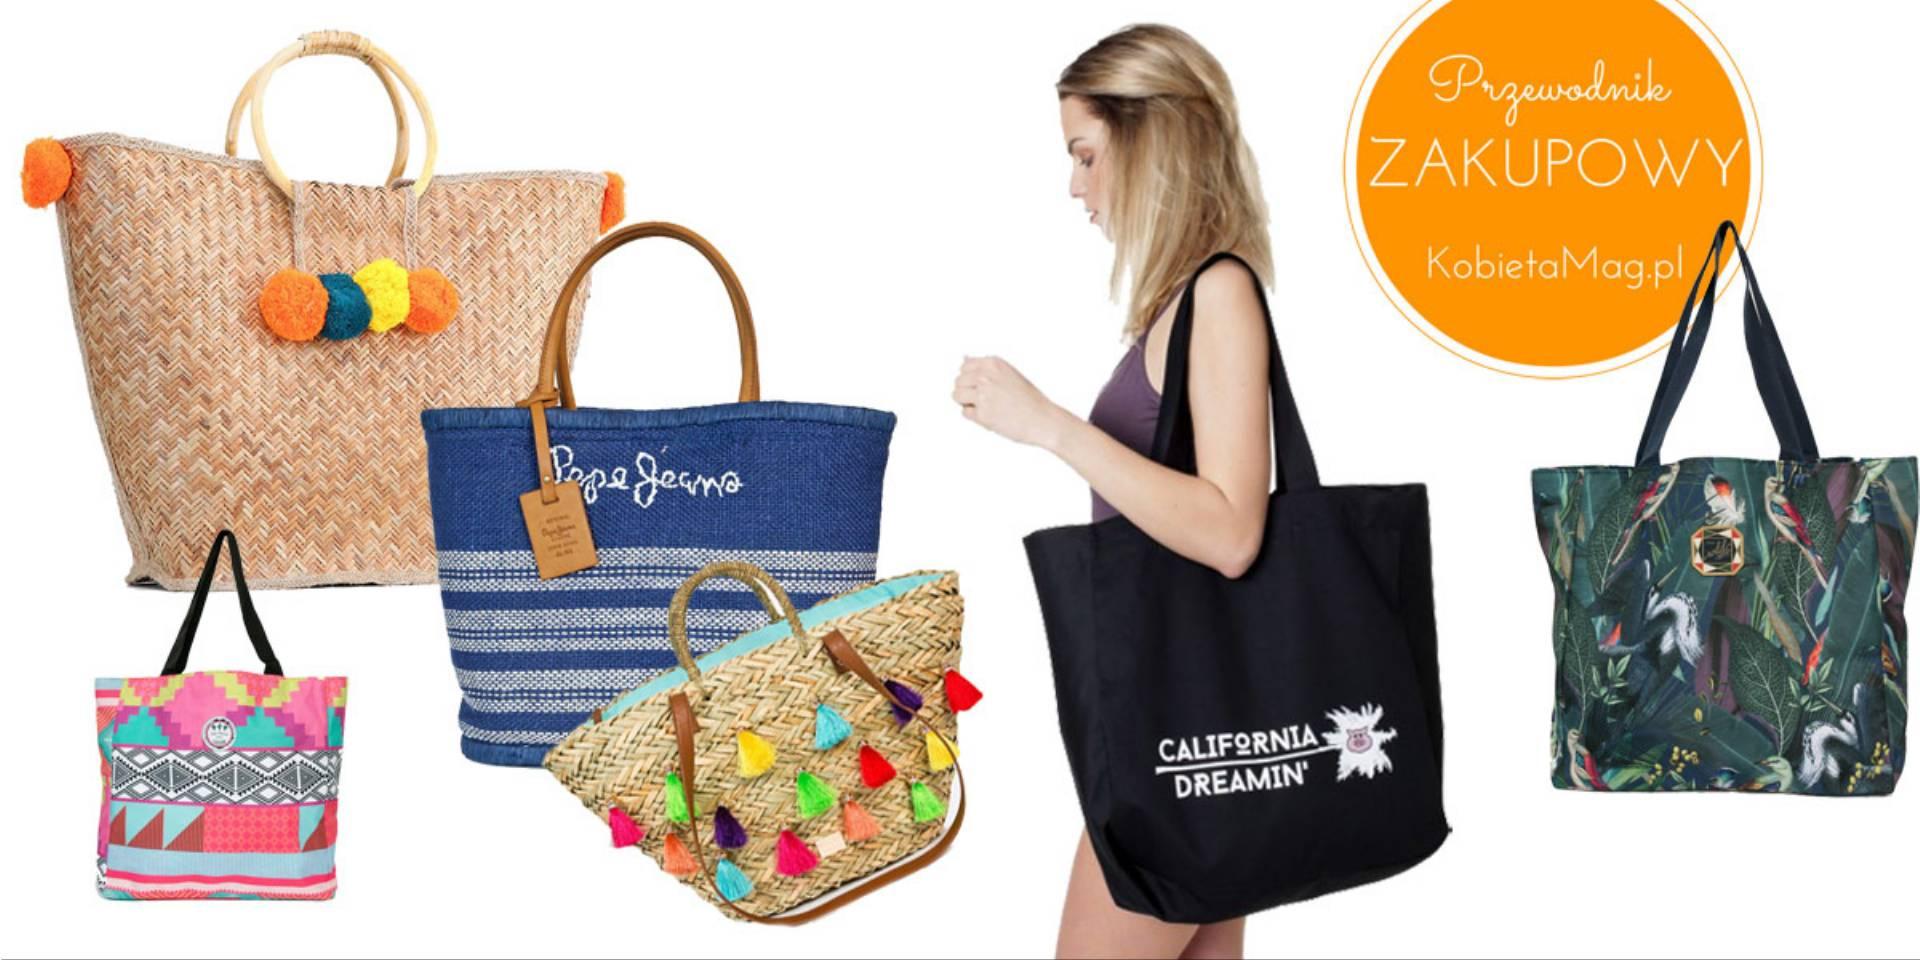 20c35c903af93a Przewodnik zakupowy: najlepsze pod słońcem – modne torby plażowe 2017!